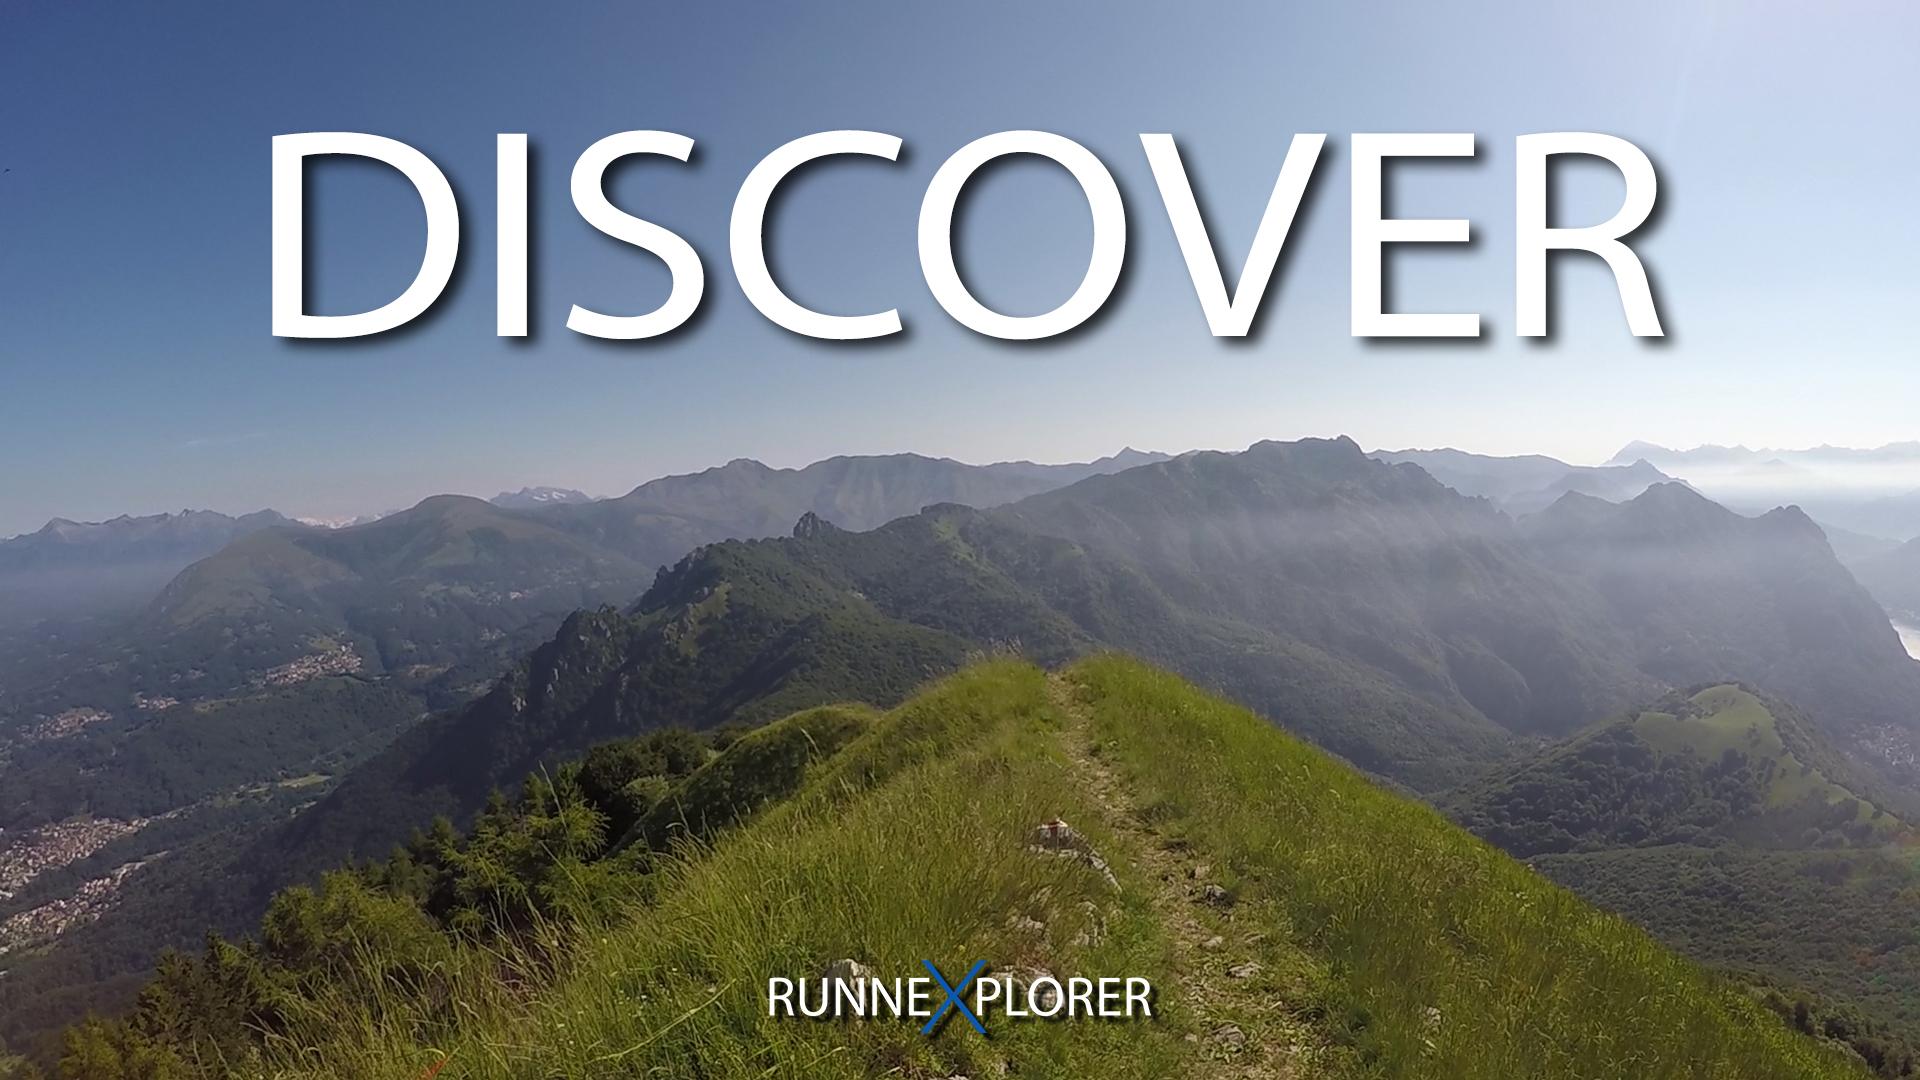 00-DISCOVER-V2